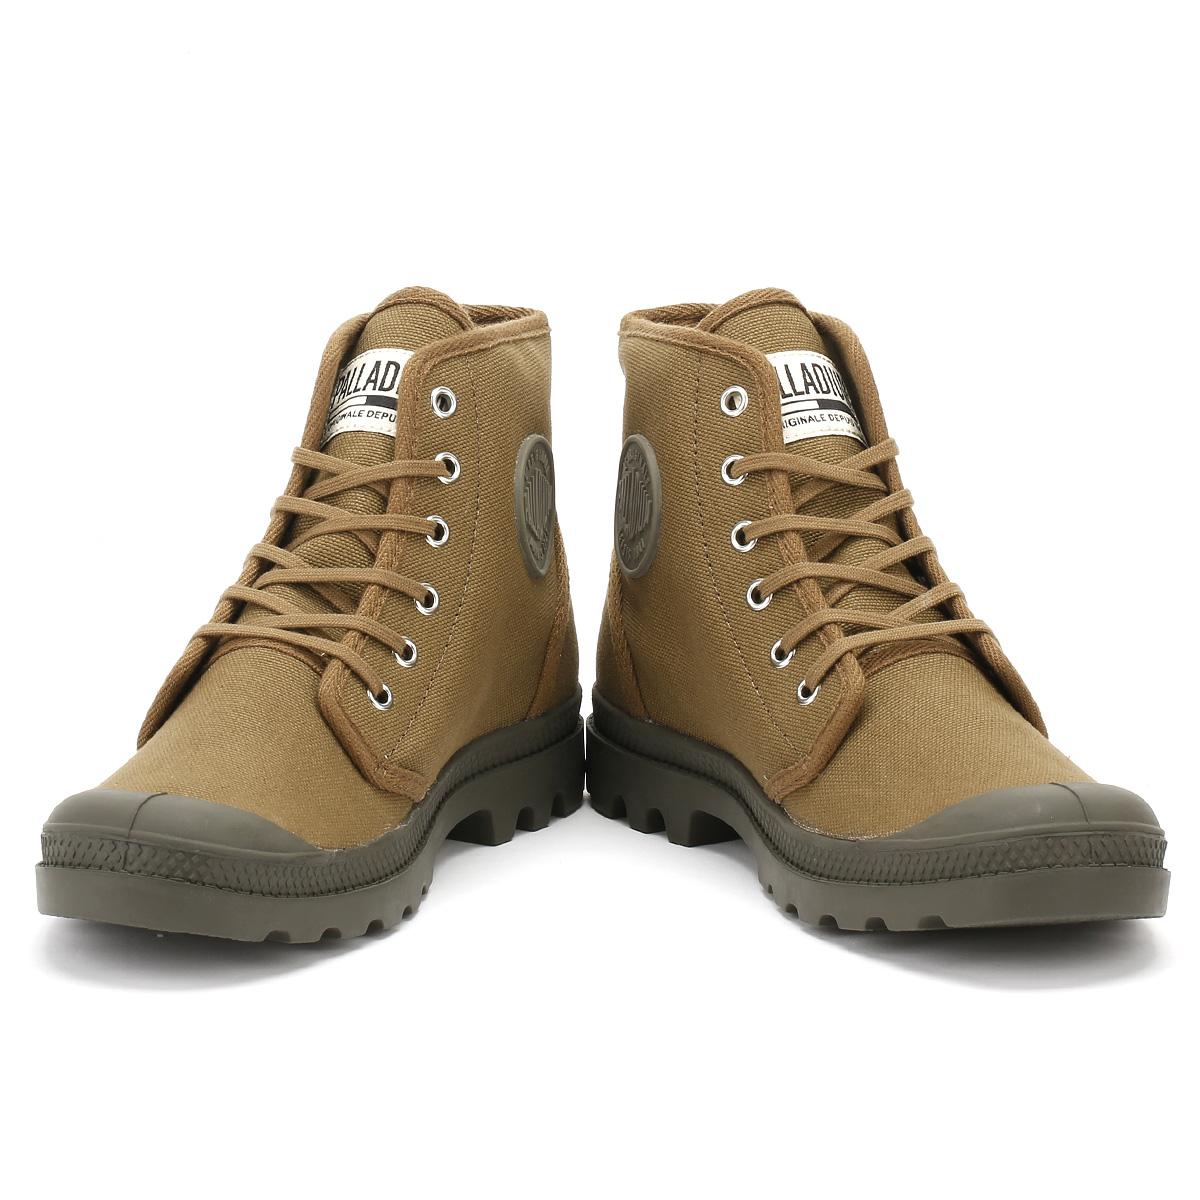 Botas-Palladium-para-hombre-Pampa-Originale-Hi-Zapatos-al-tobillo-con-Cordones-de-Lona-Informal